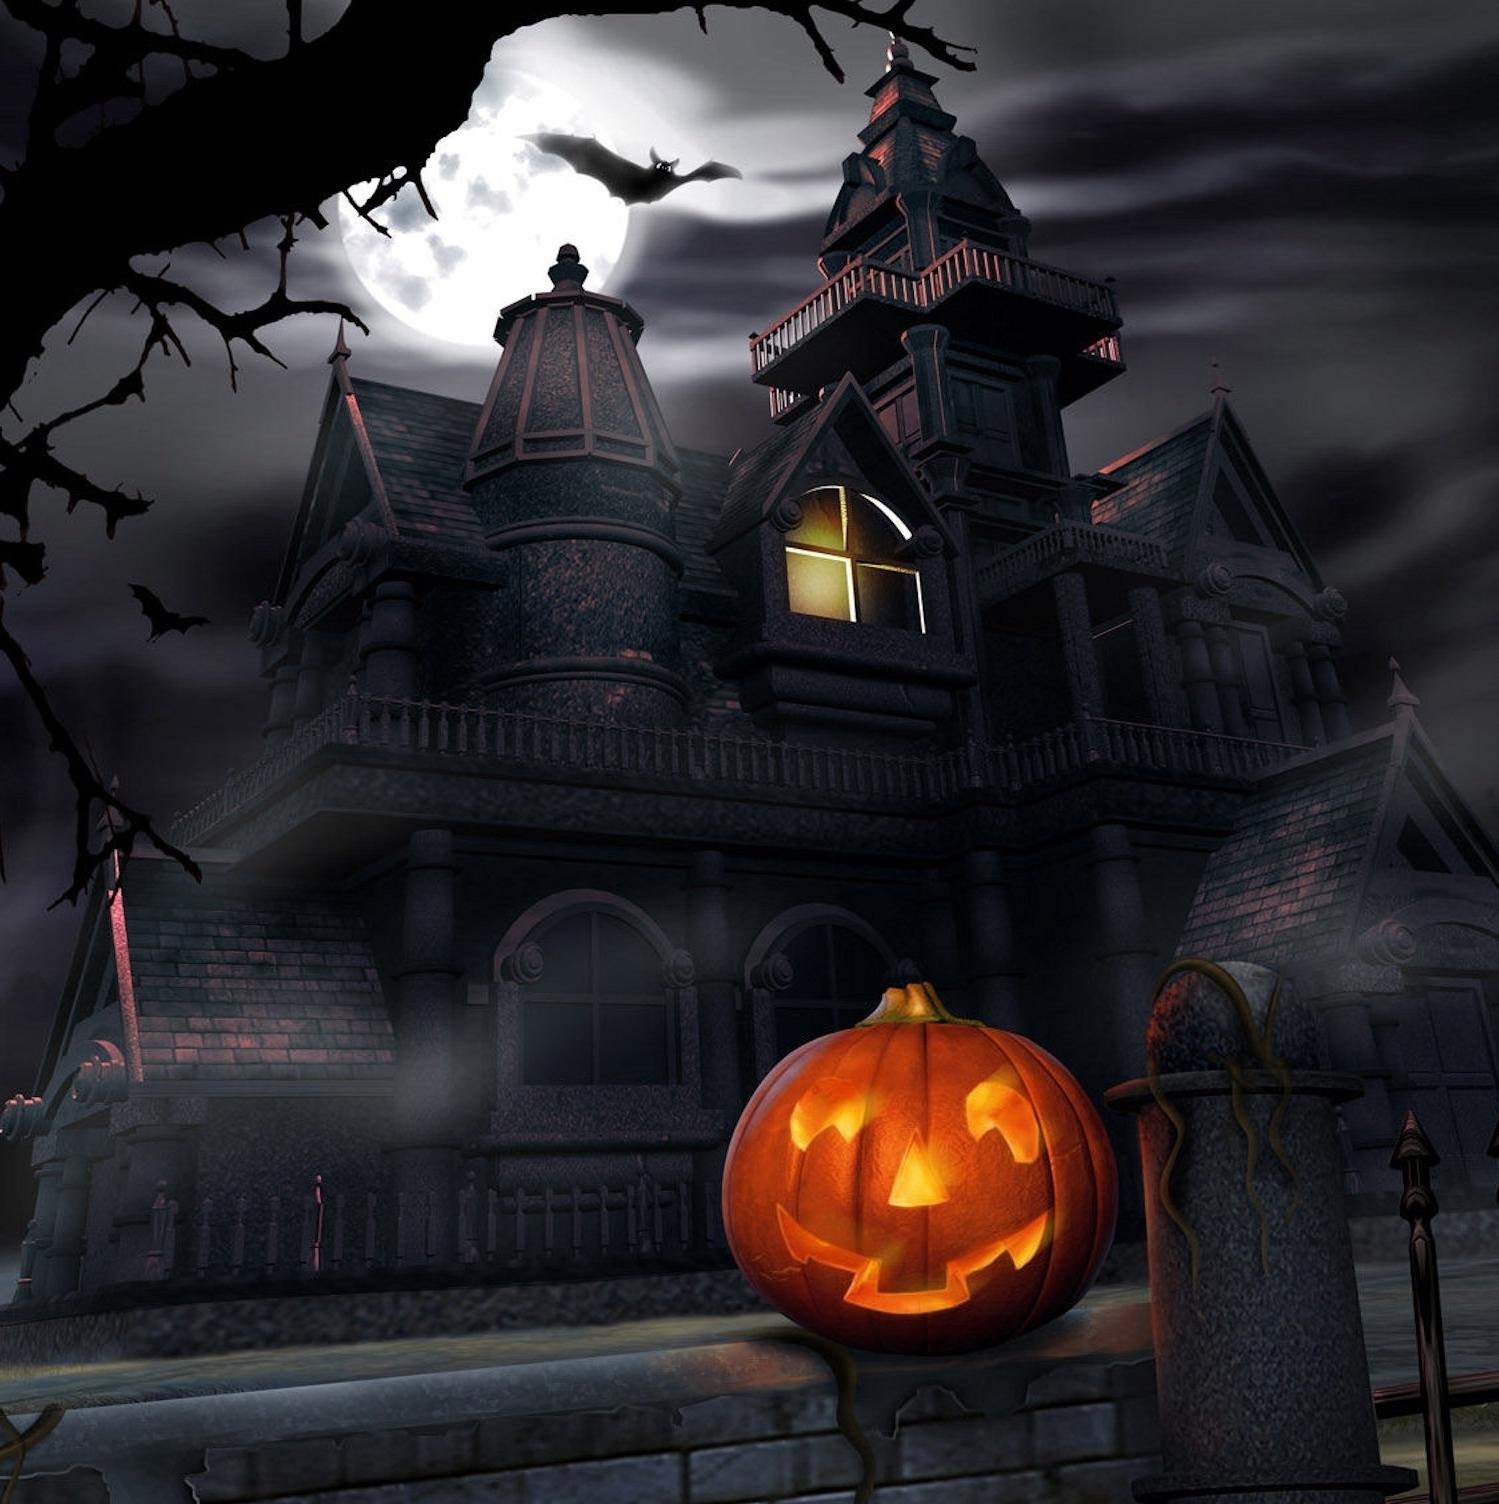 best los angeles halloween haunts great ways to get scared in la - Halloween Haunt Schedule